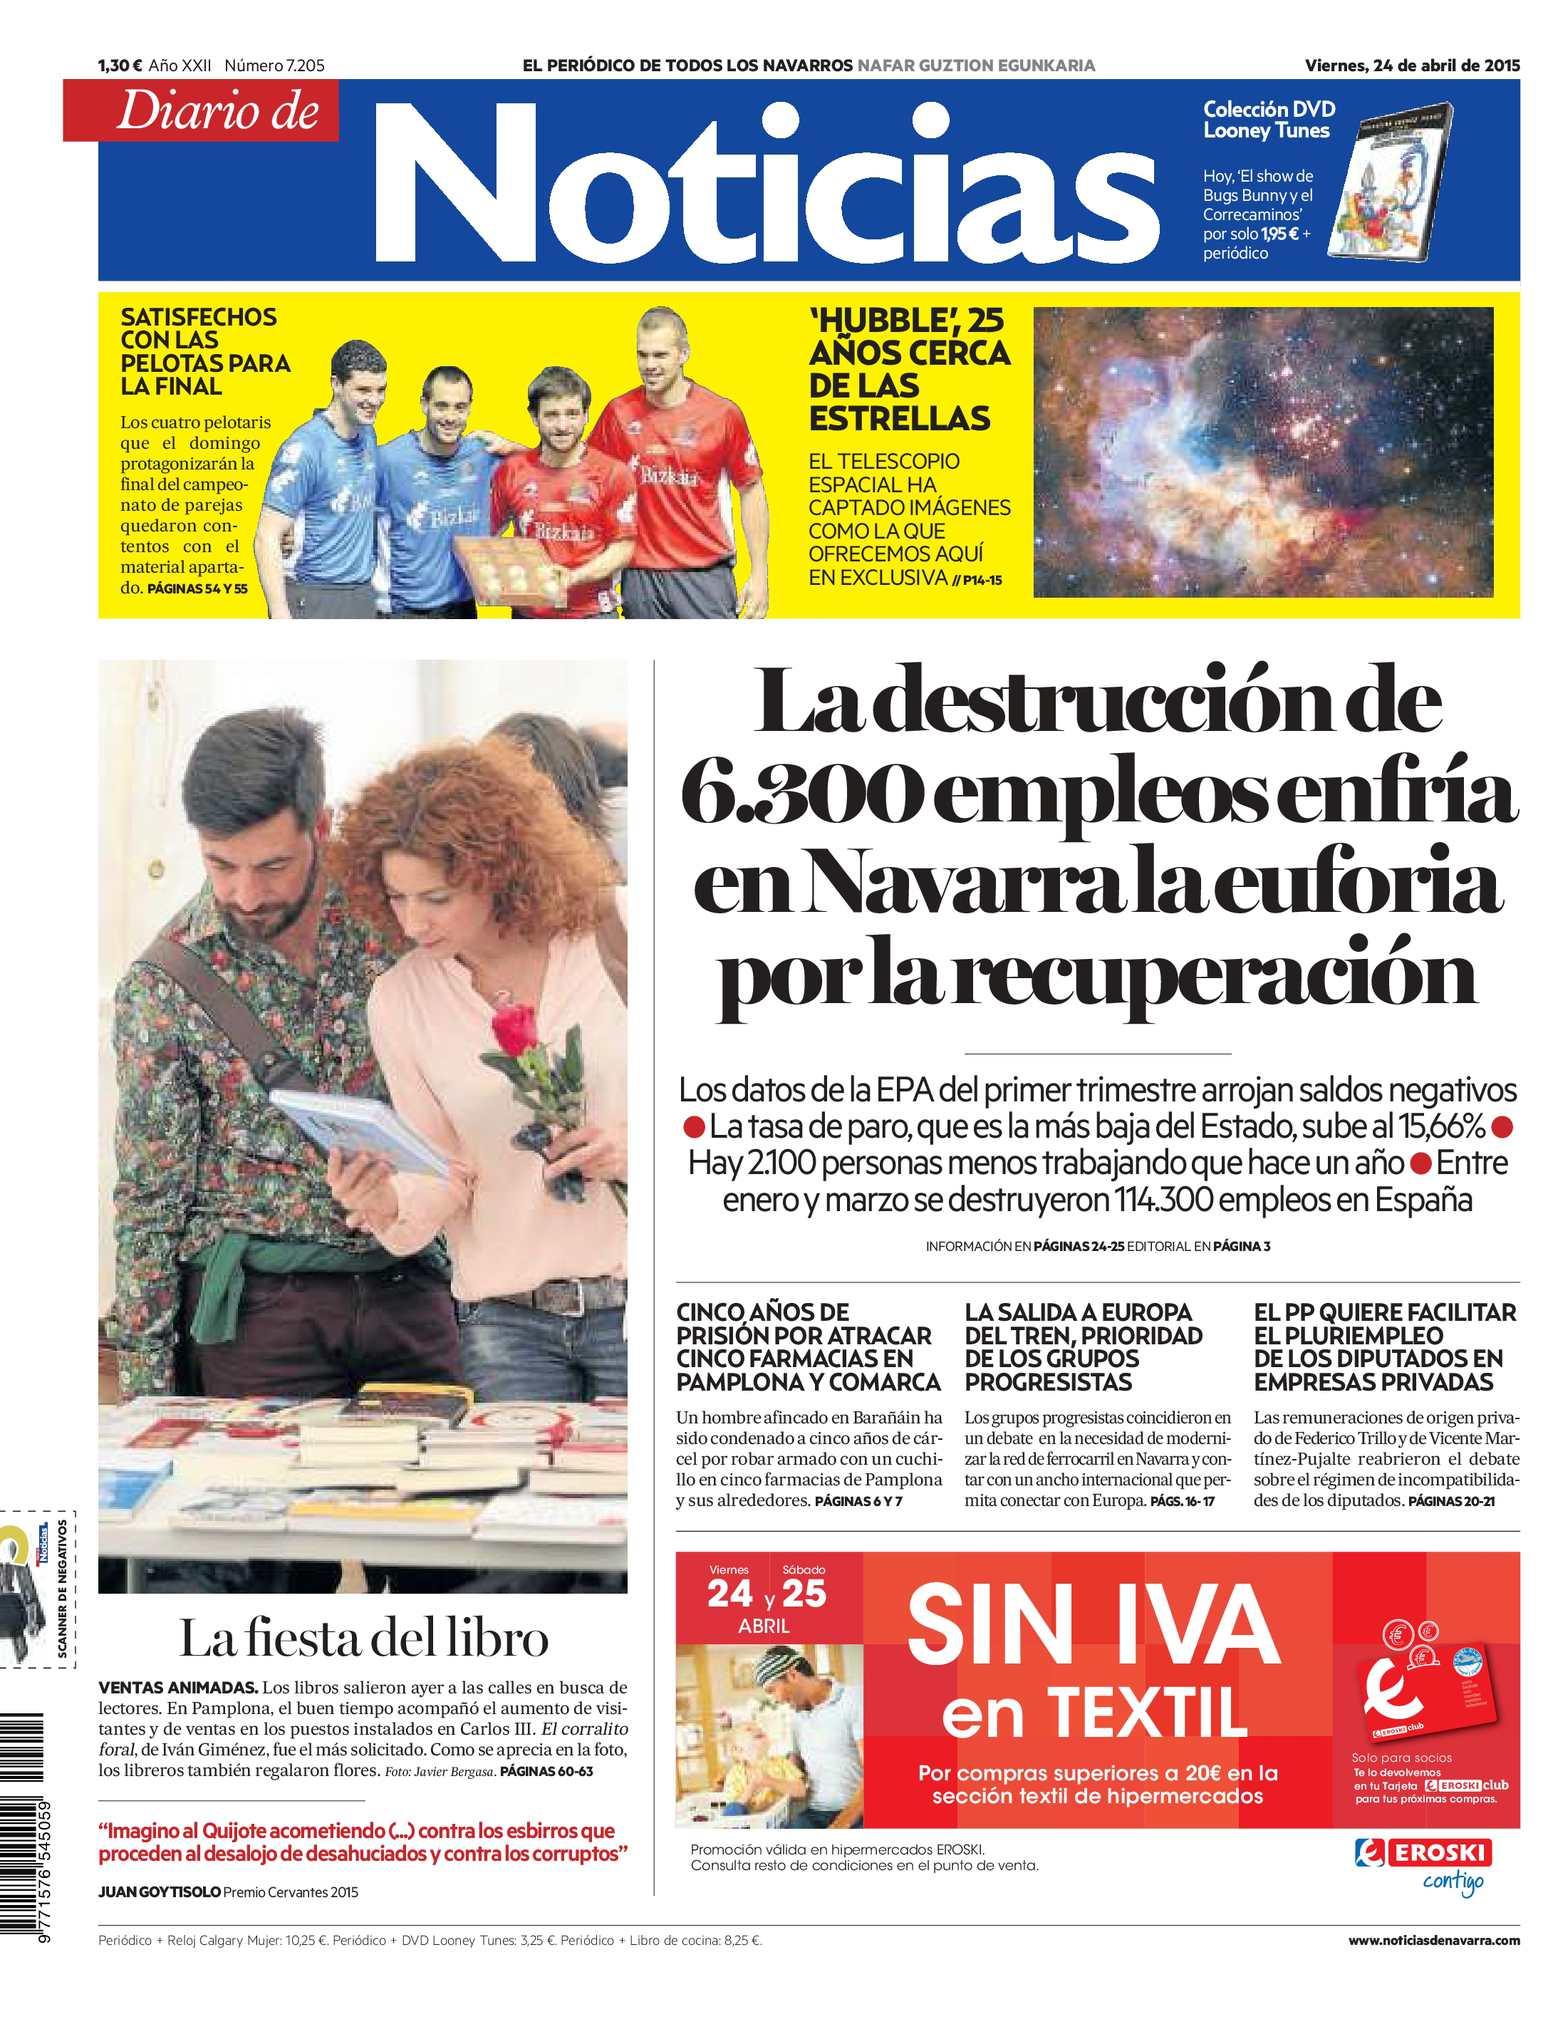 22ff426826dfd Calaméo - Diario de Noticias 20150424